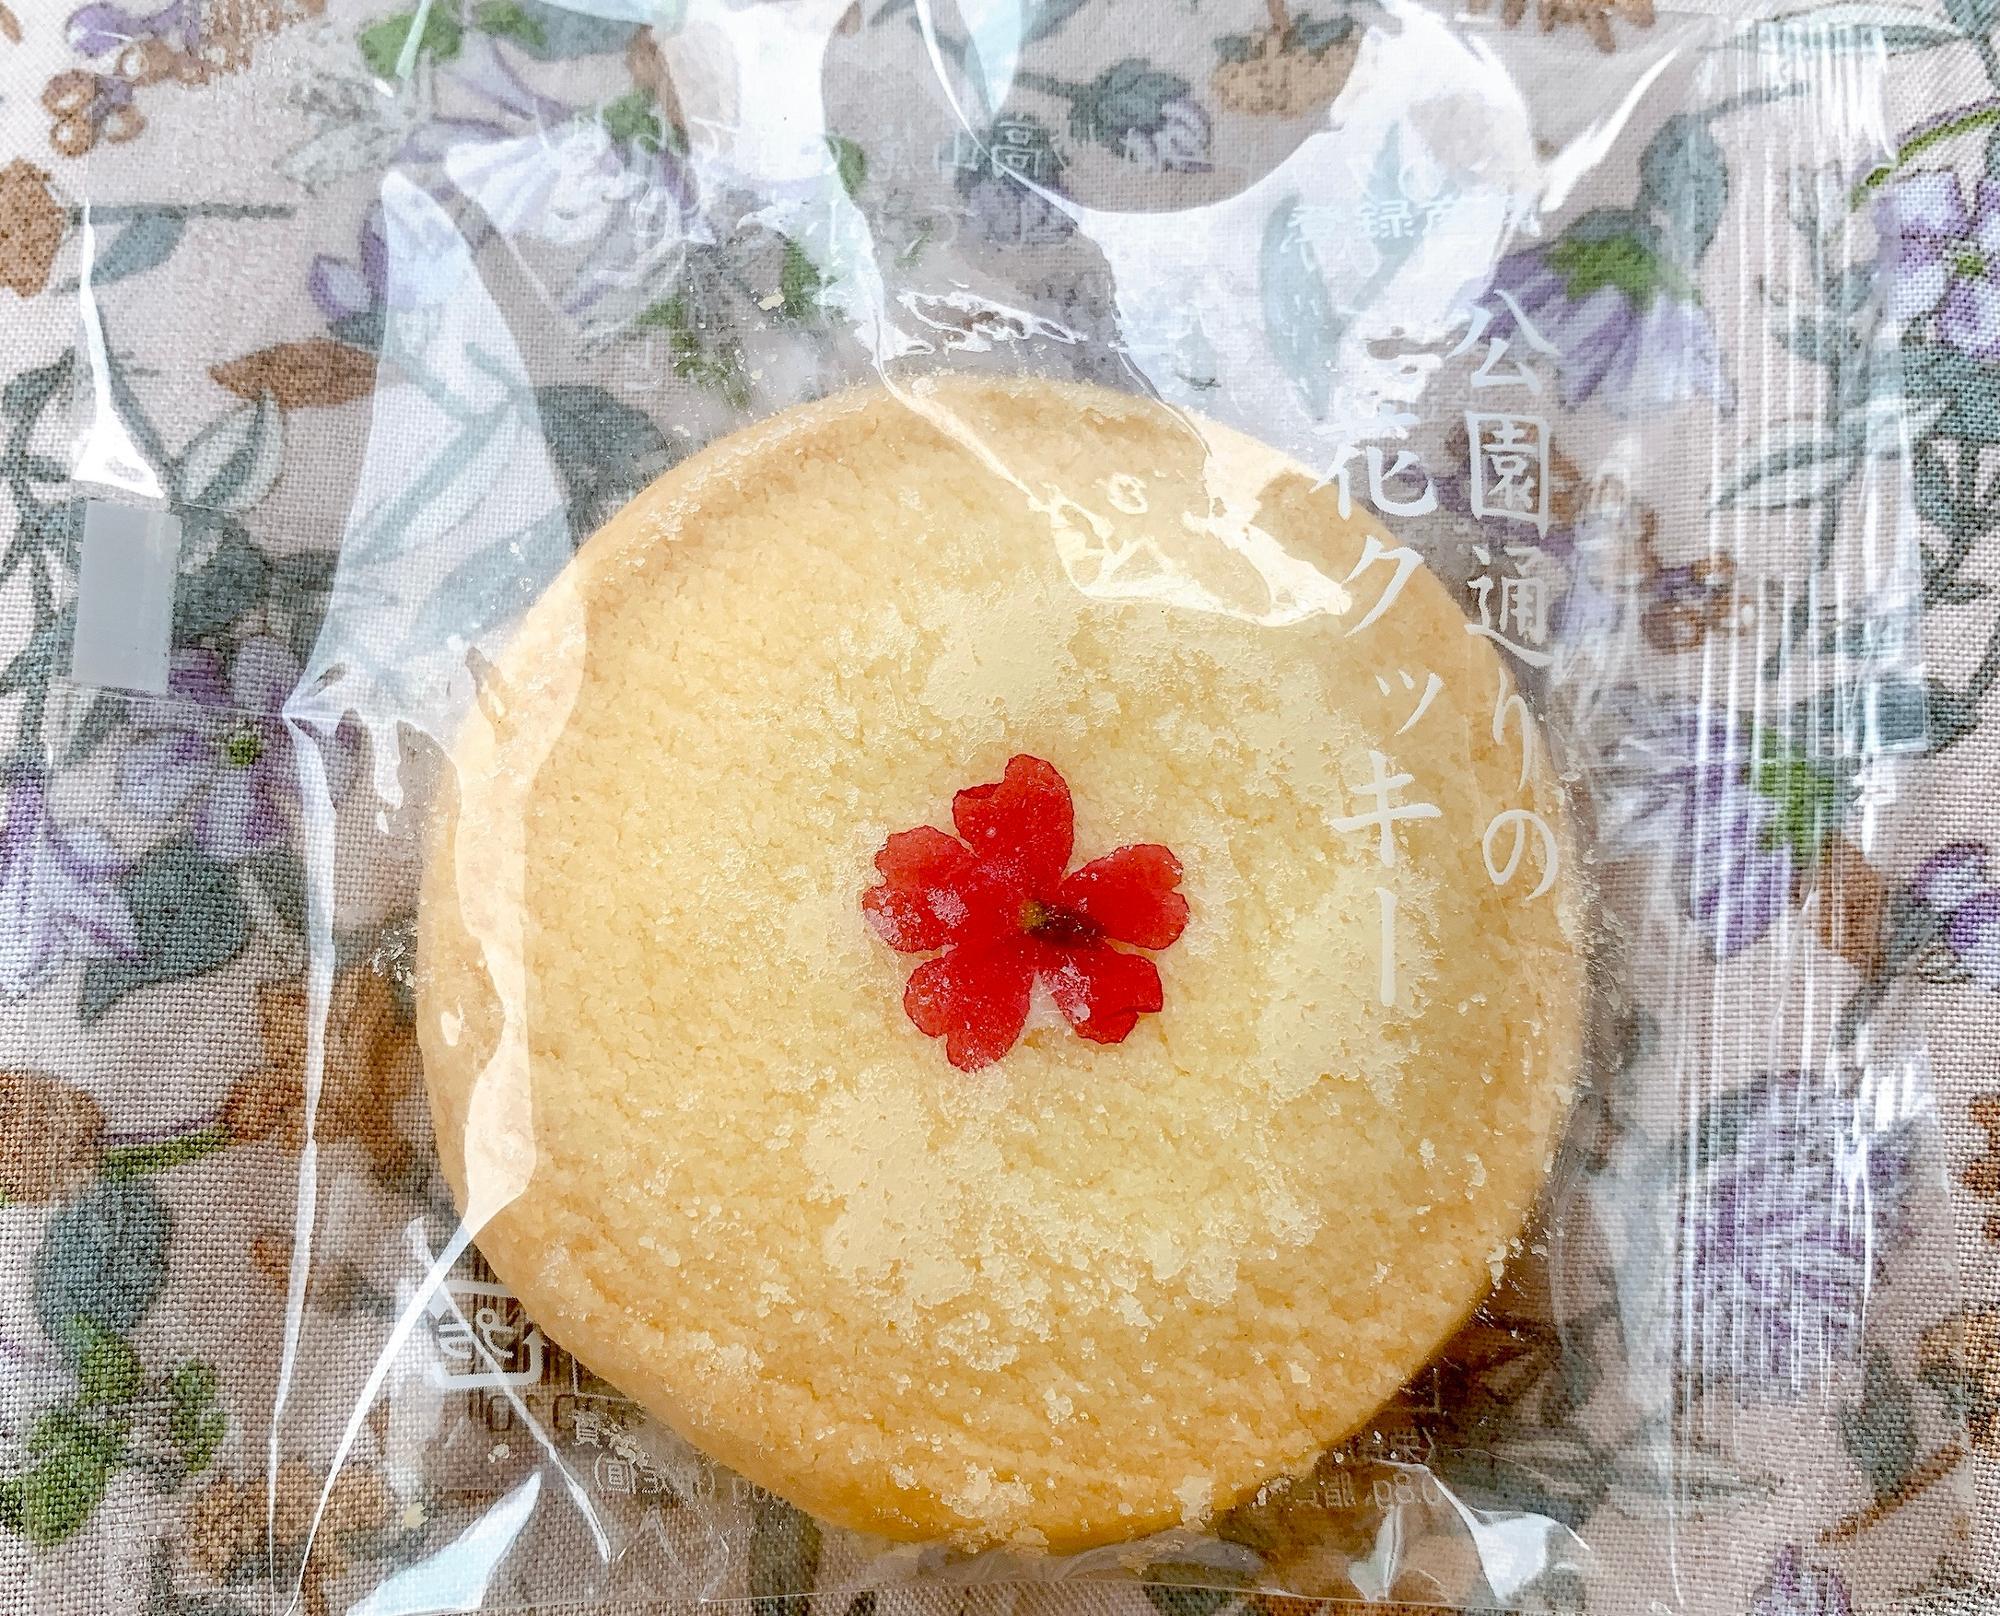 米粉のクッキーはサクサク軽い食感